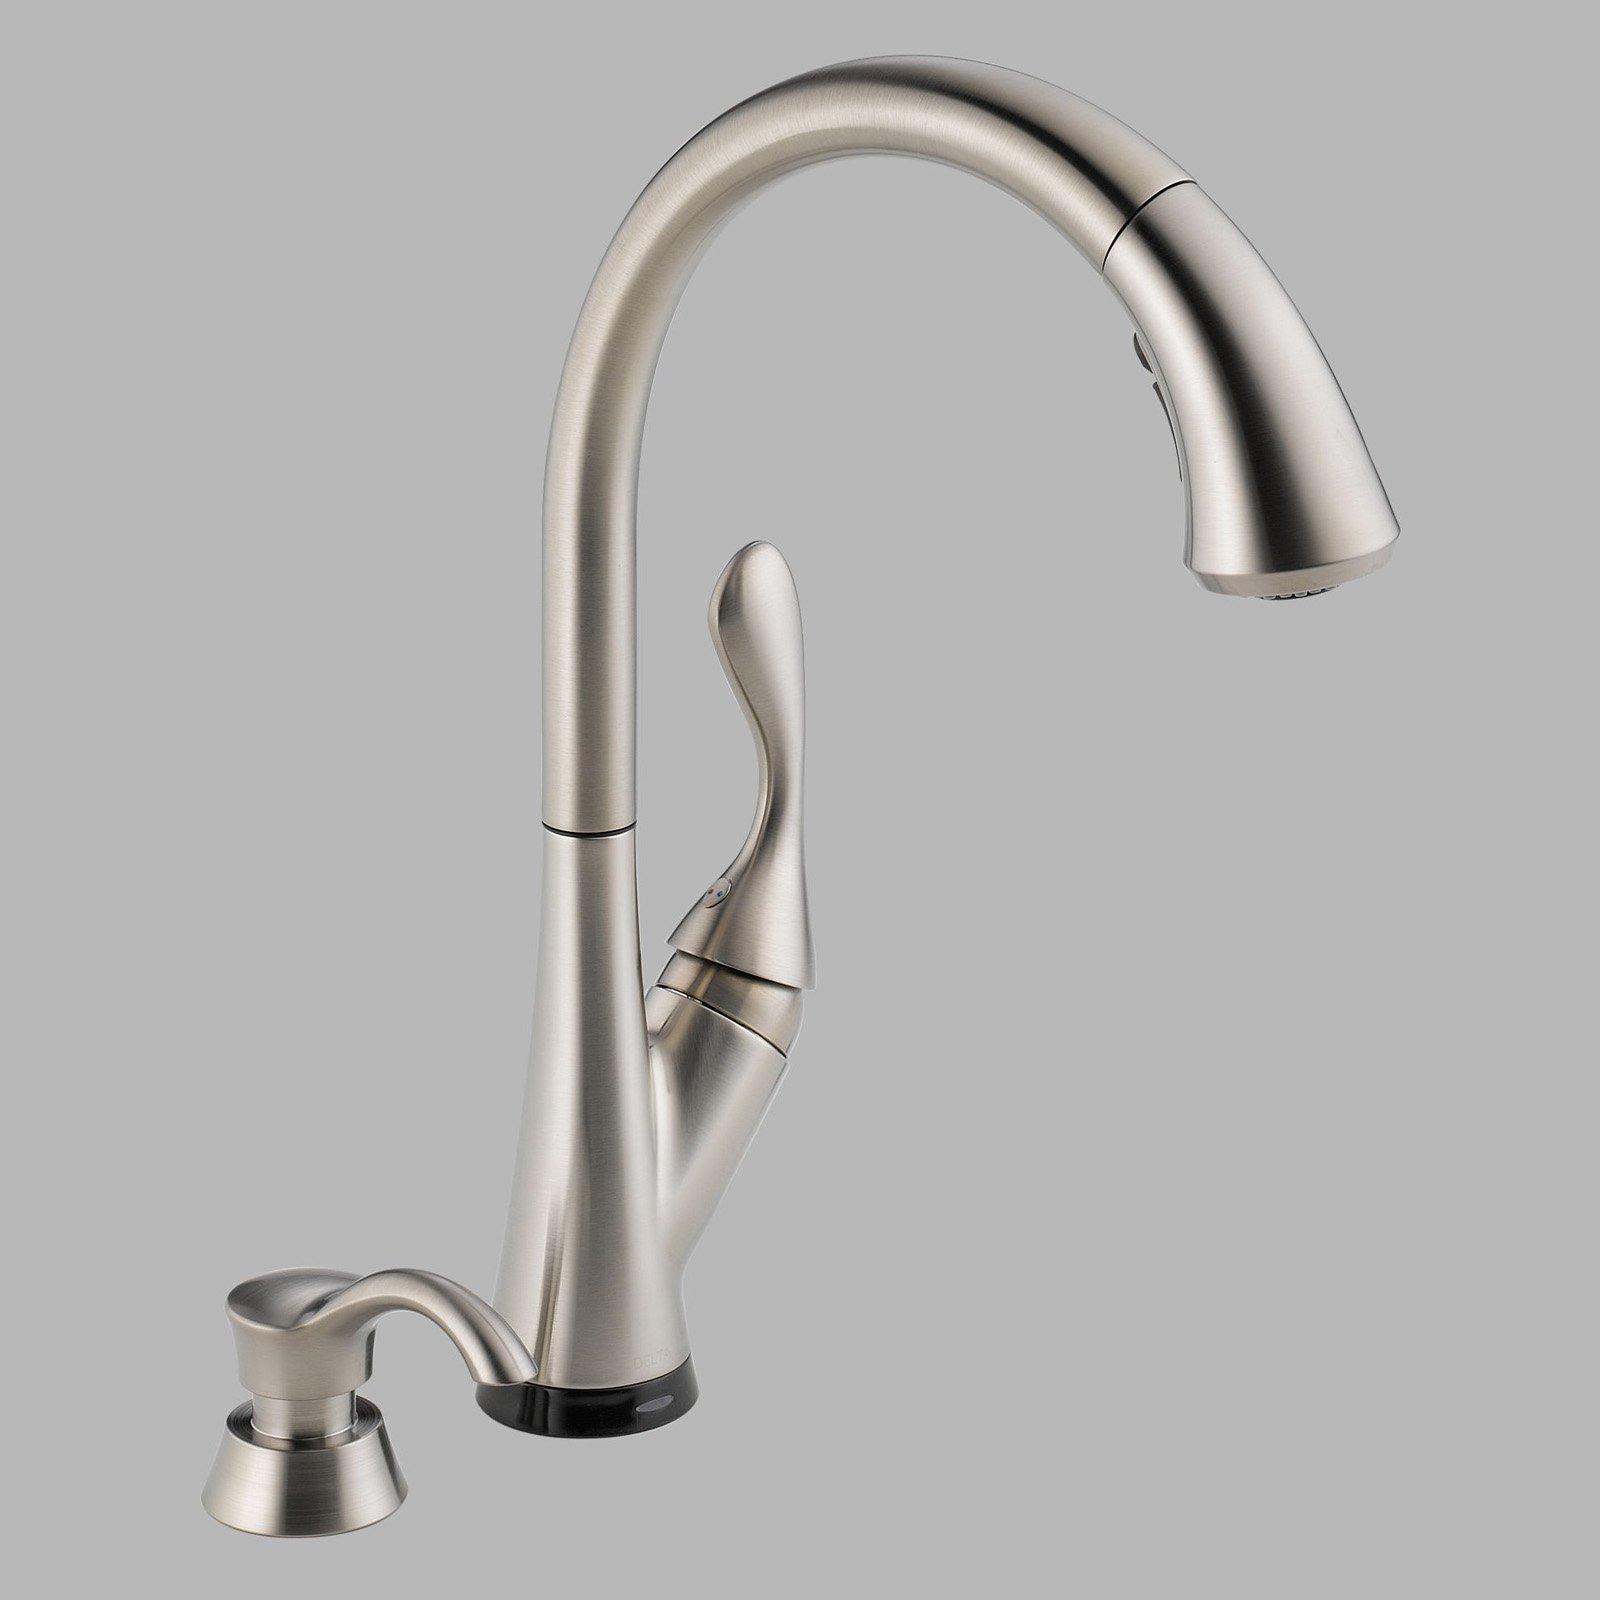 moen kitchen faucet parts 7 piece table set touch control | ideas